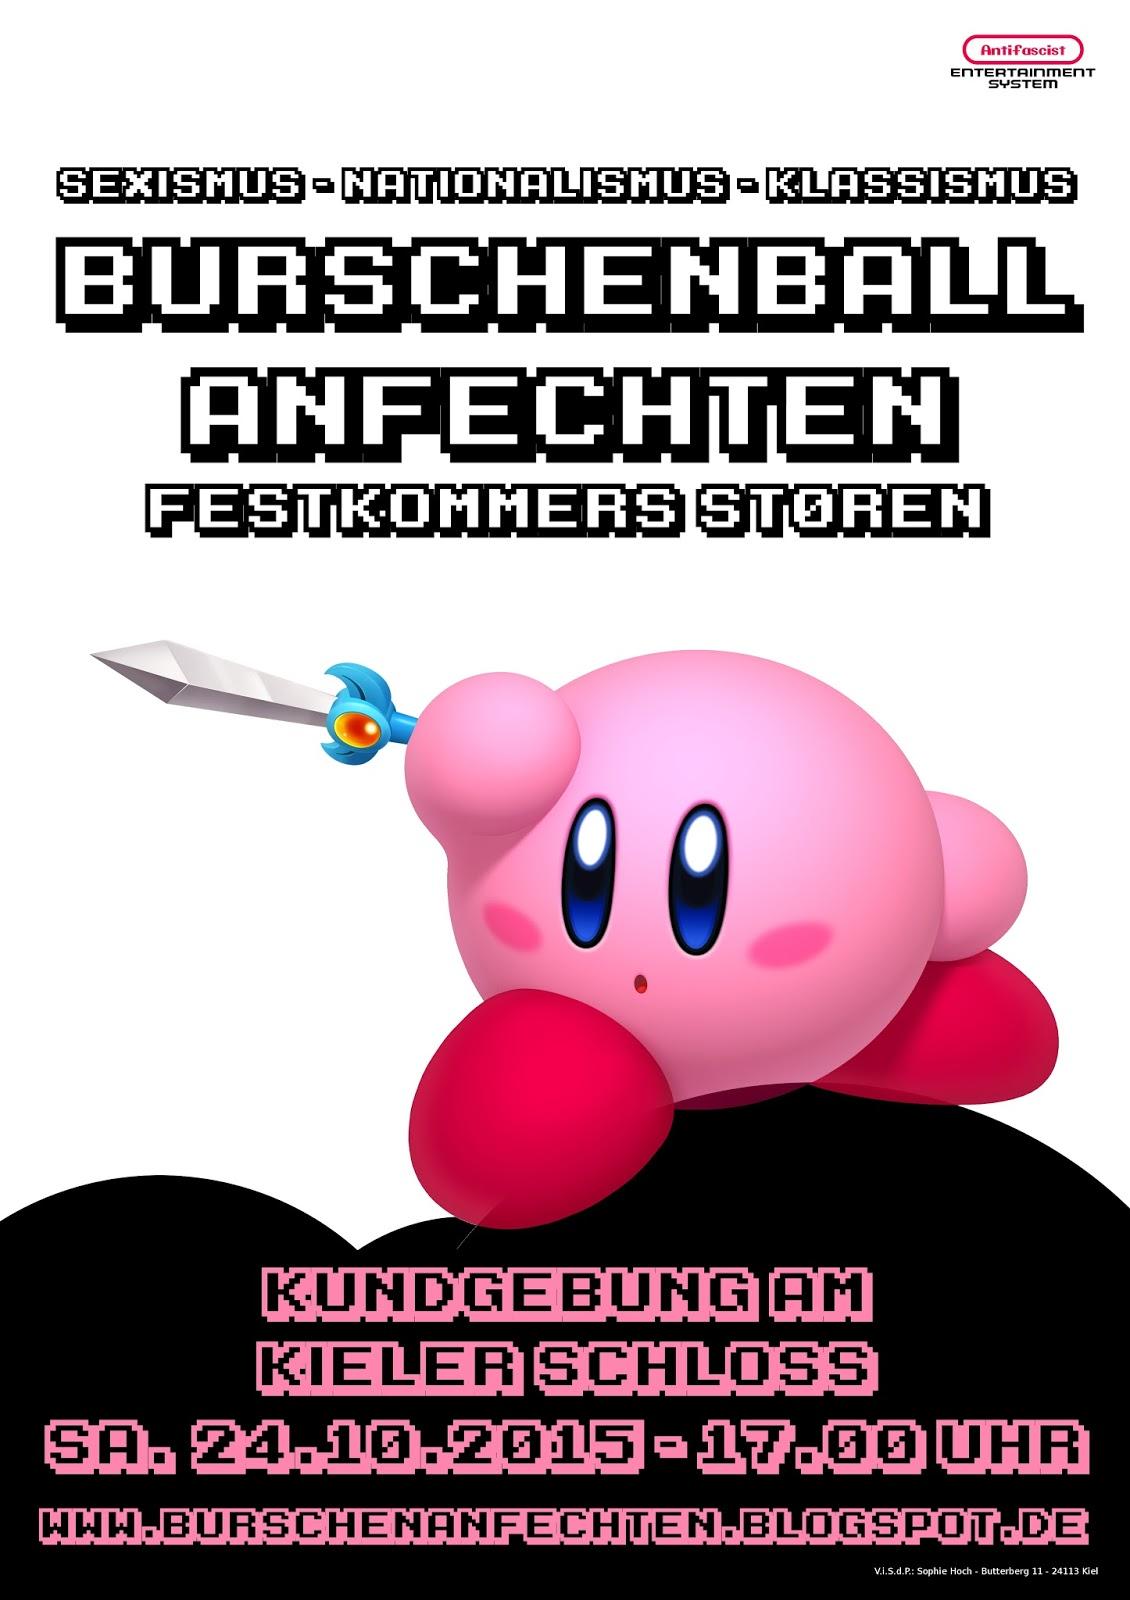 Burschenball Anfechten Korpos Burschen Rechtsradikale